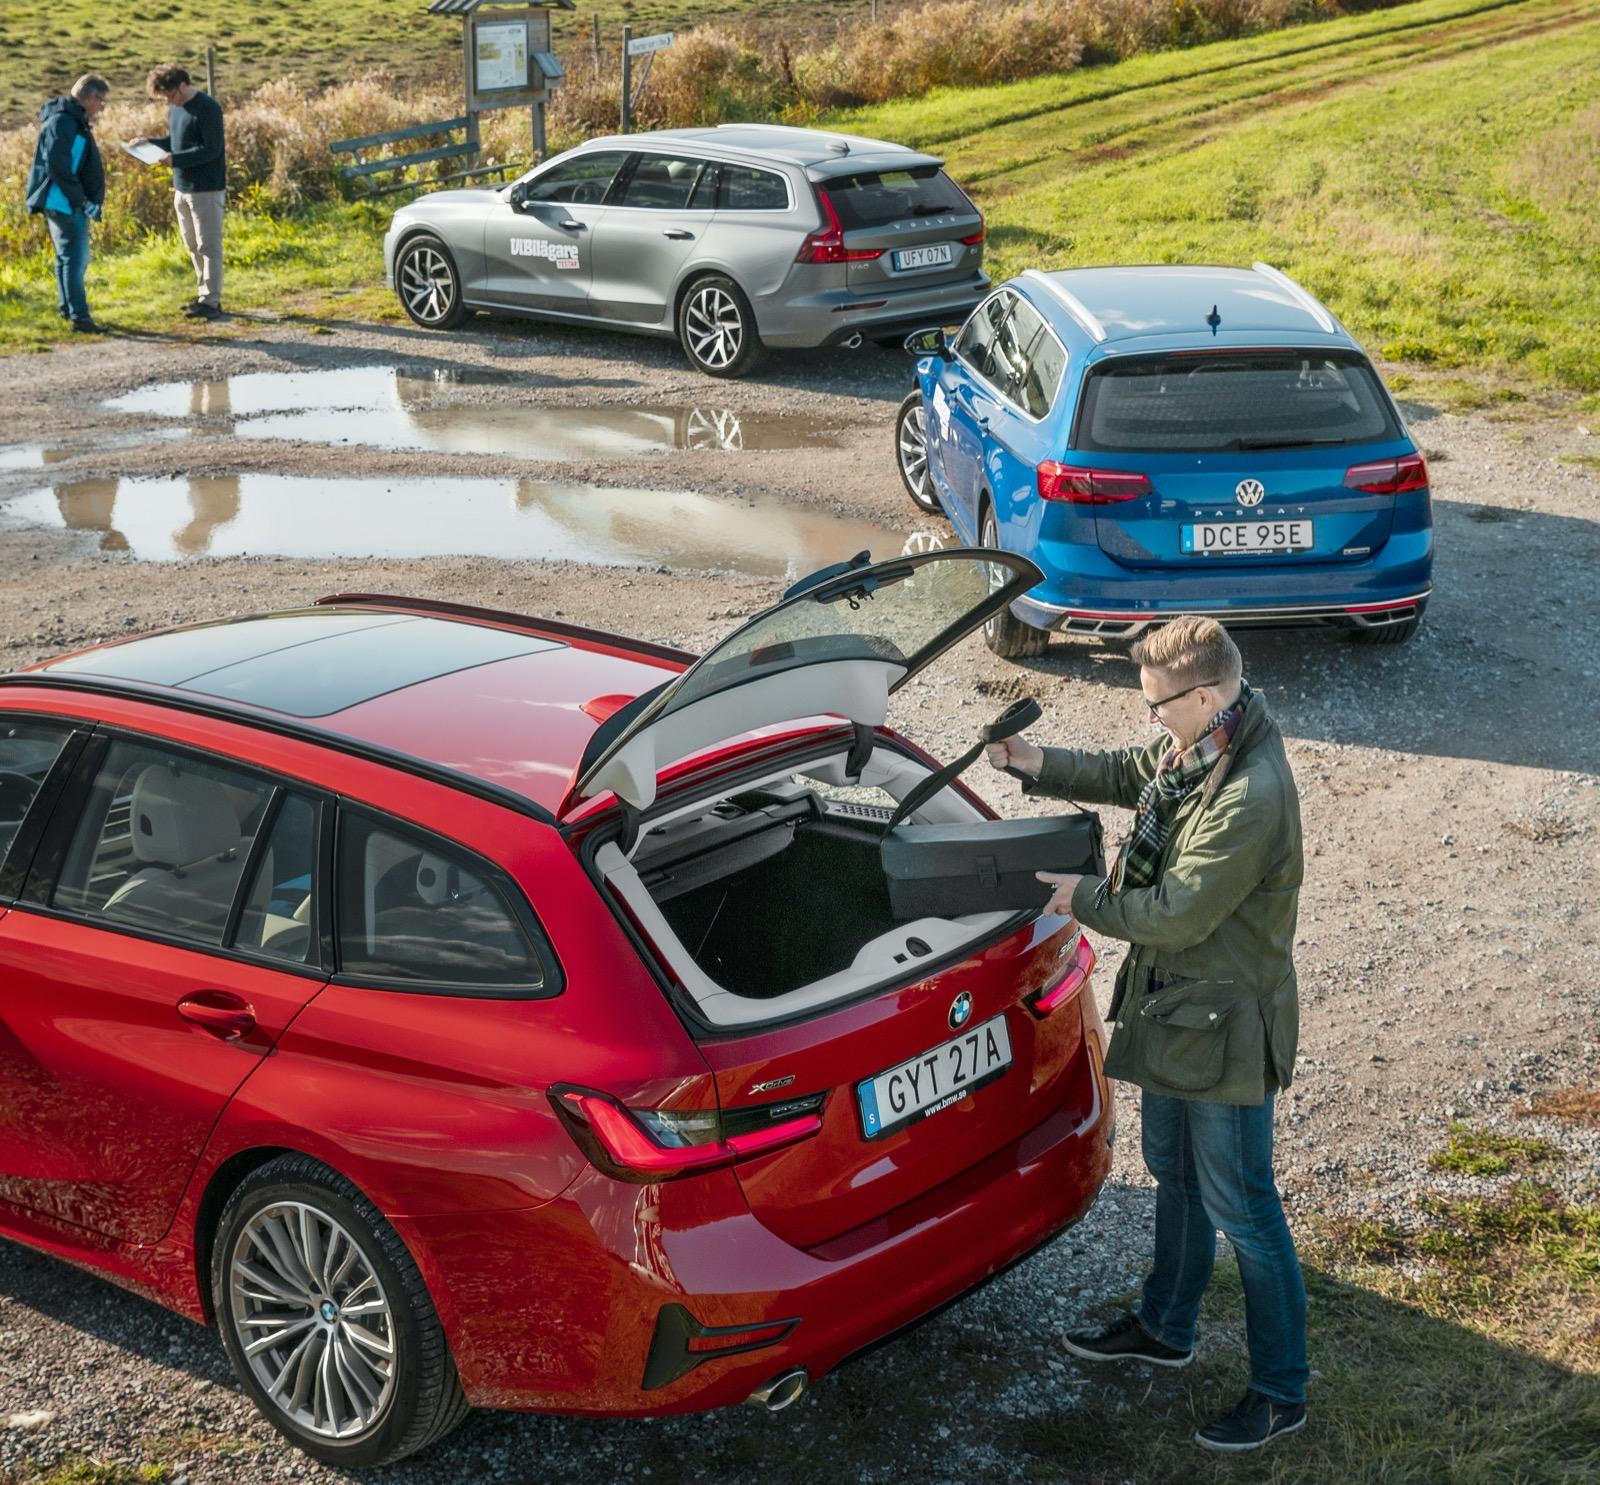 BMW:s öppningsbara bakruta lever vidare. Den är smidig när man bara ska komma åt kikaren i ett välpackat lastutrymme, som här på Färingsö intill Svartsjövikens fågeltorn.